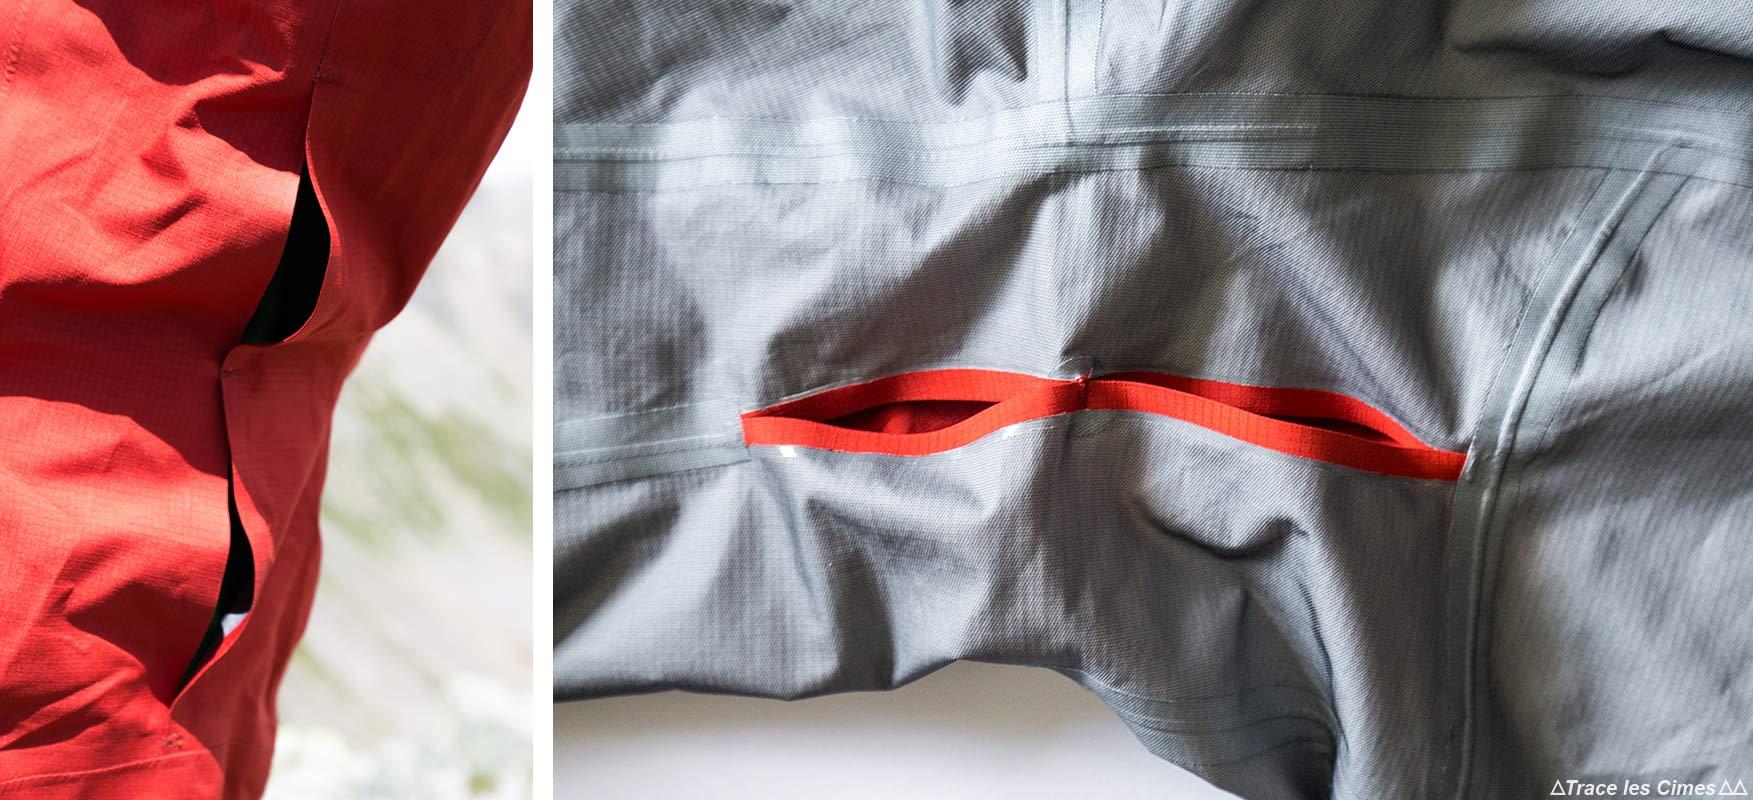 Teste os orifícios de ventilação da jaqueta NORVAN ARC'TERYX Gore-Tex nas axilas